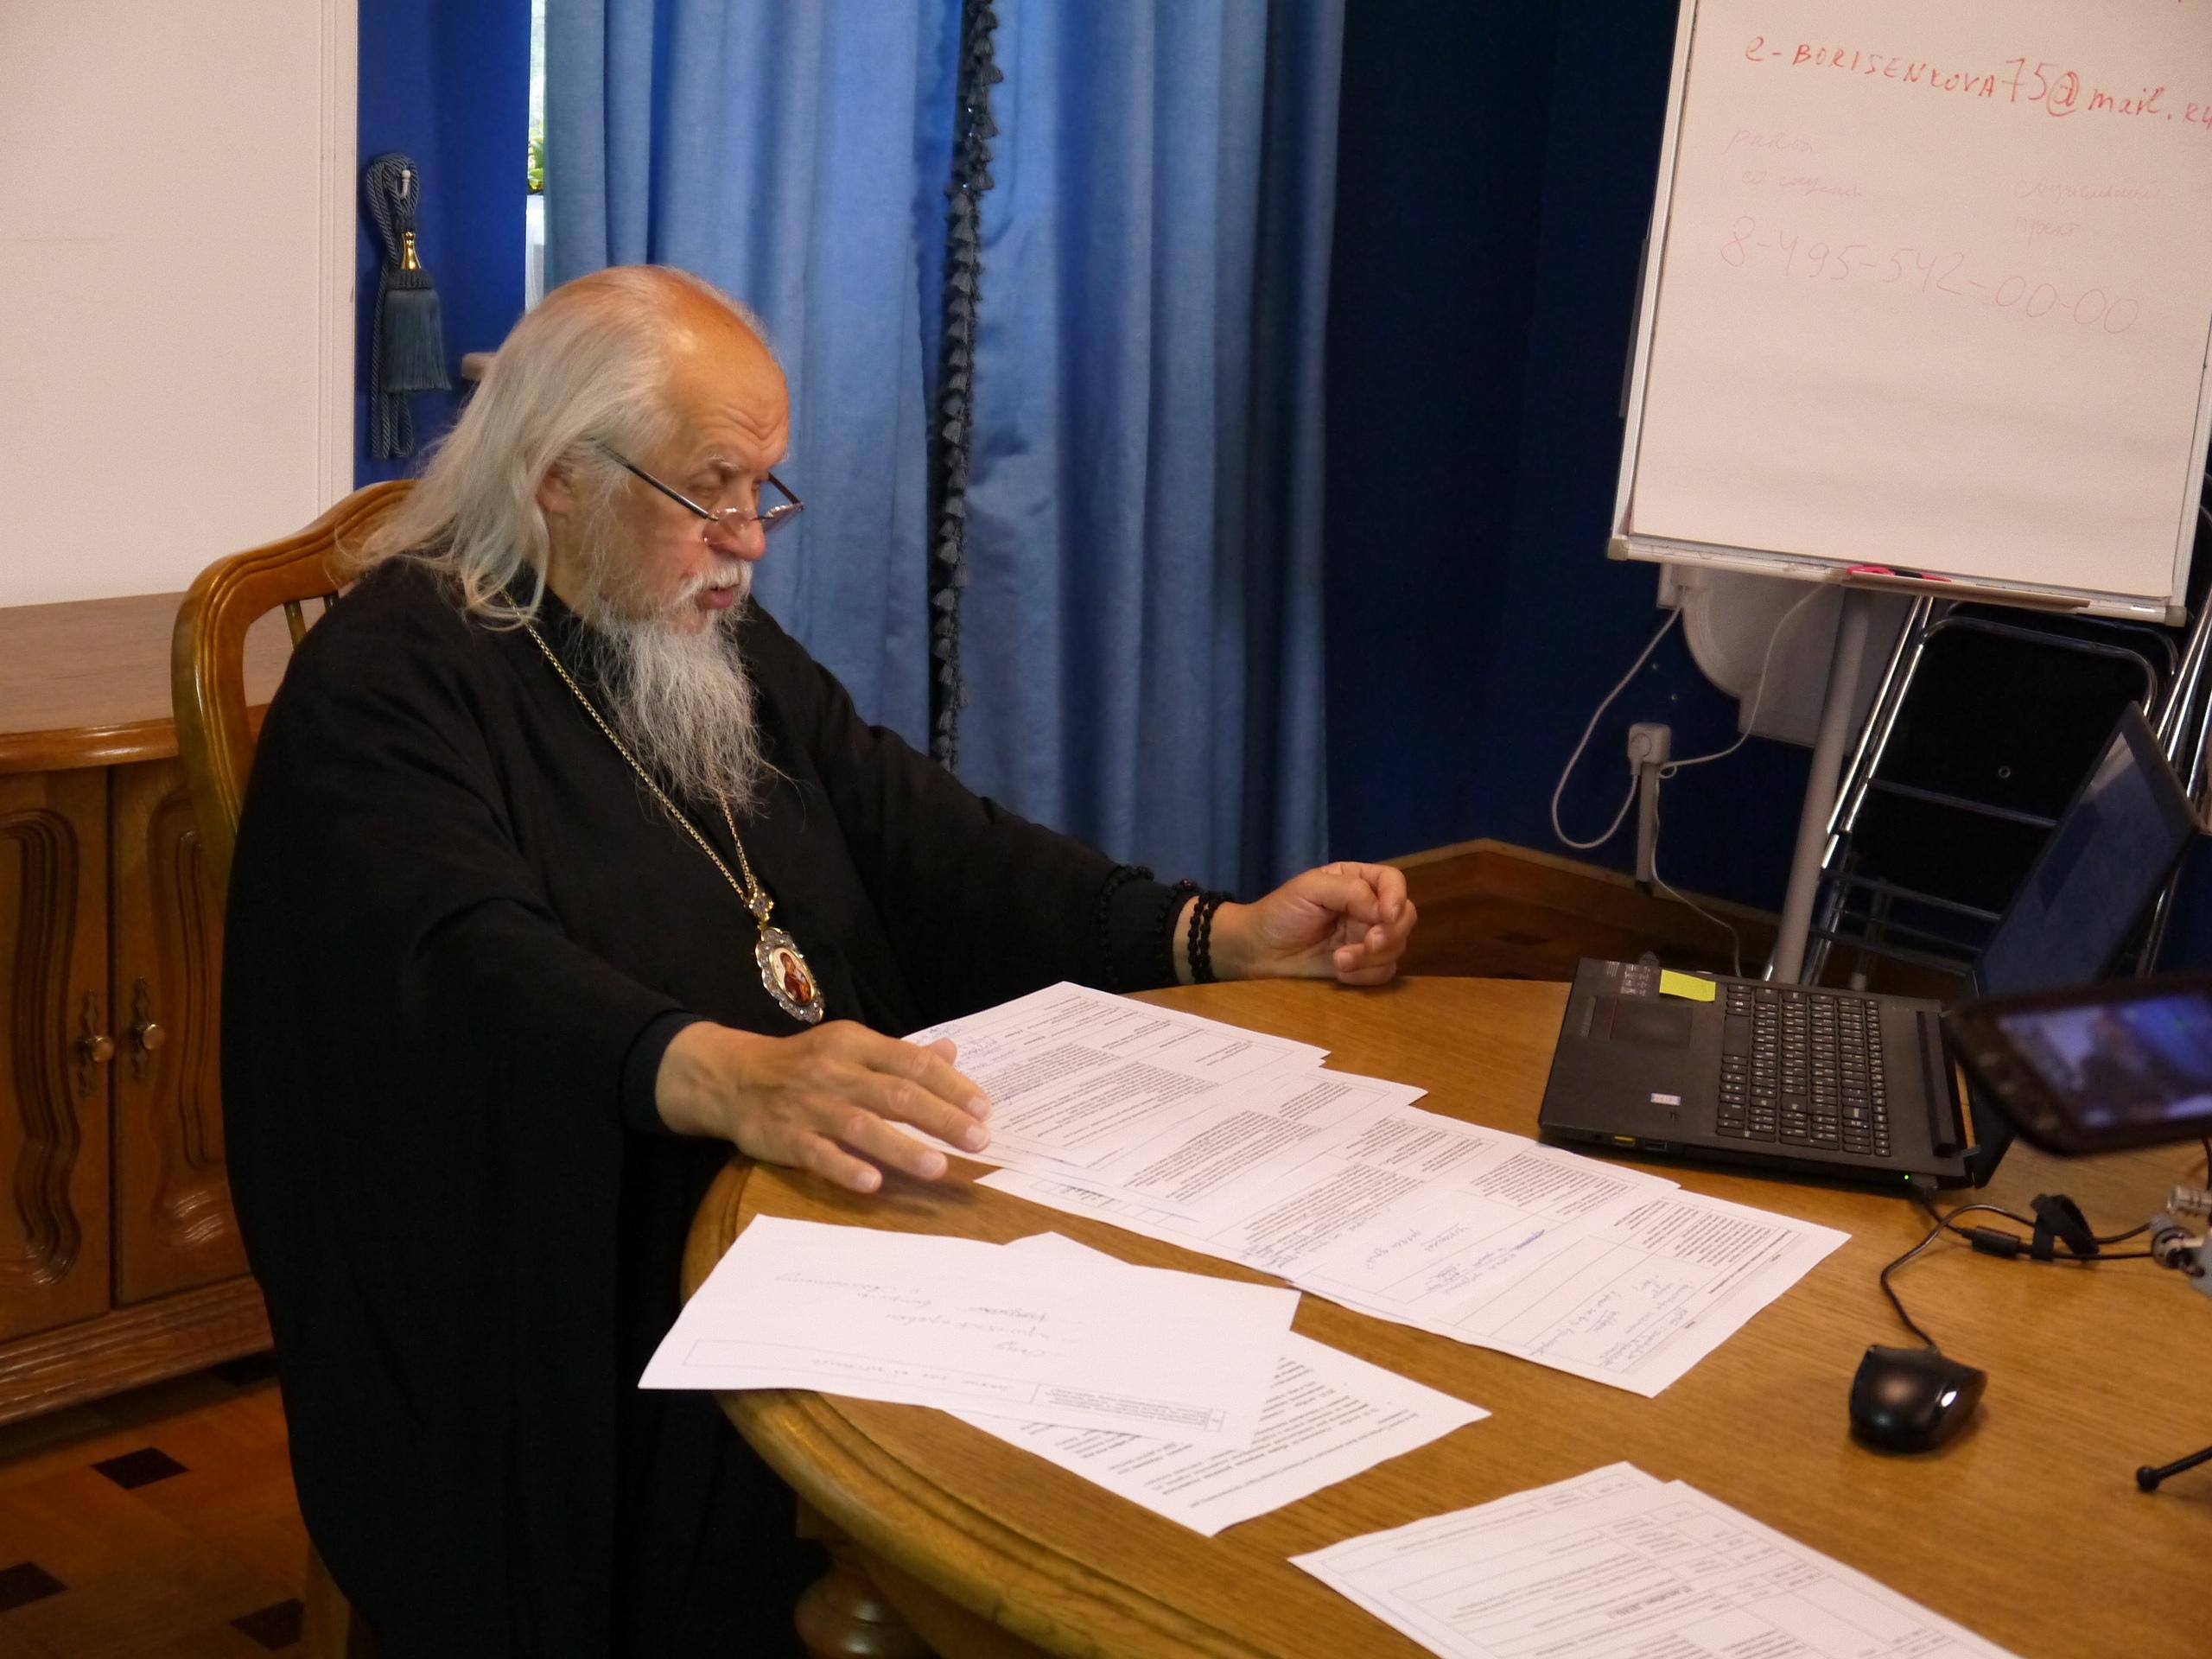 Епископ Орехово-Зуевский отвечает на вопросы участников совещания